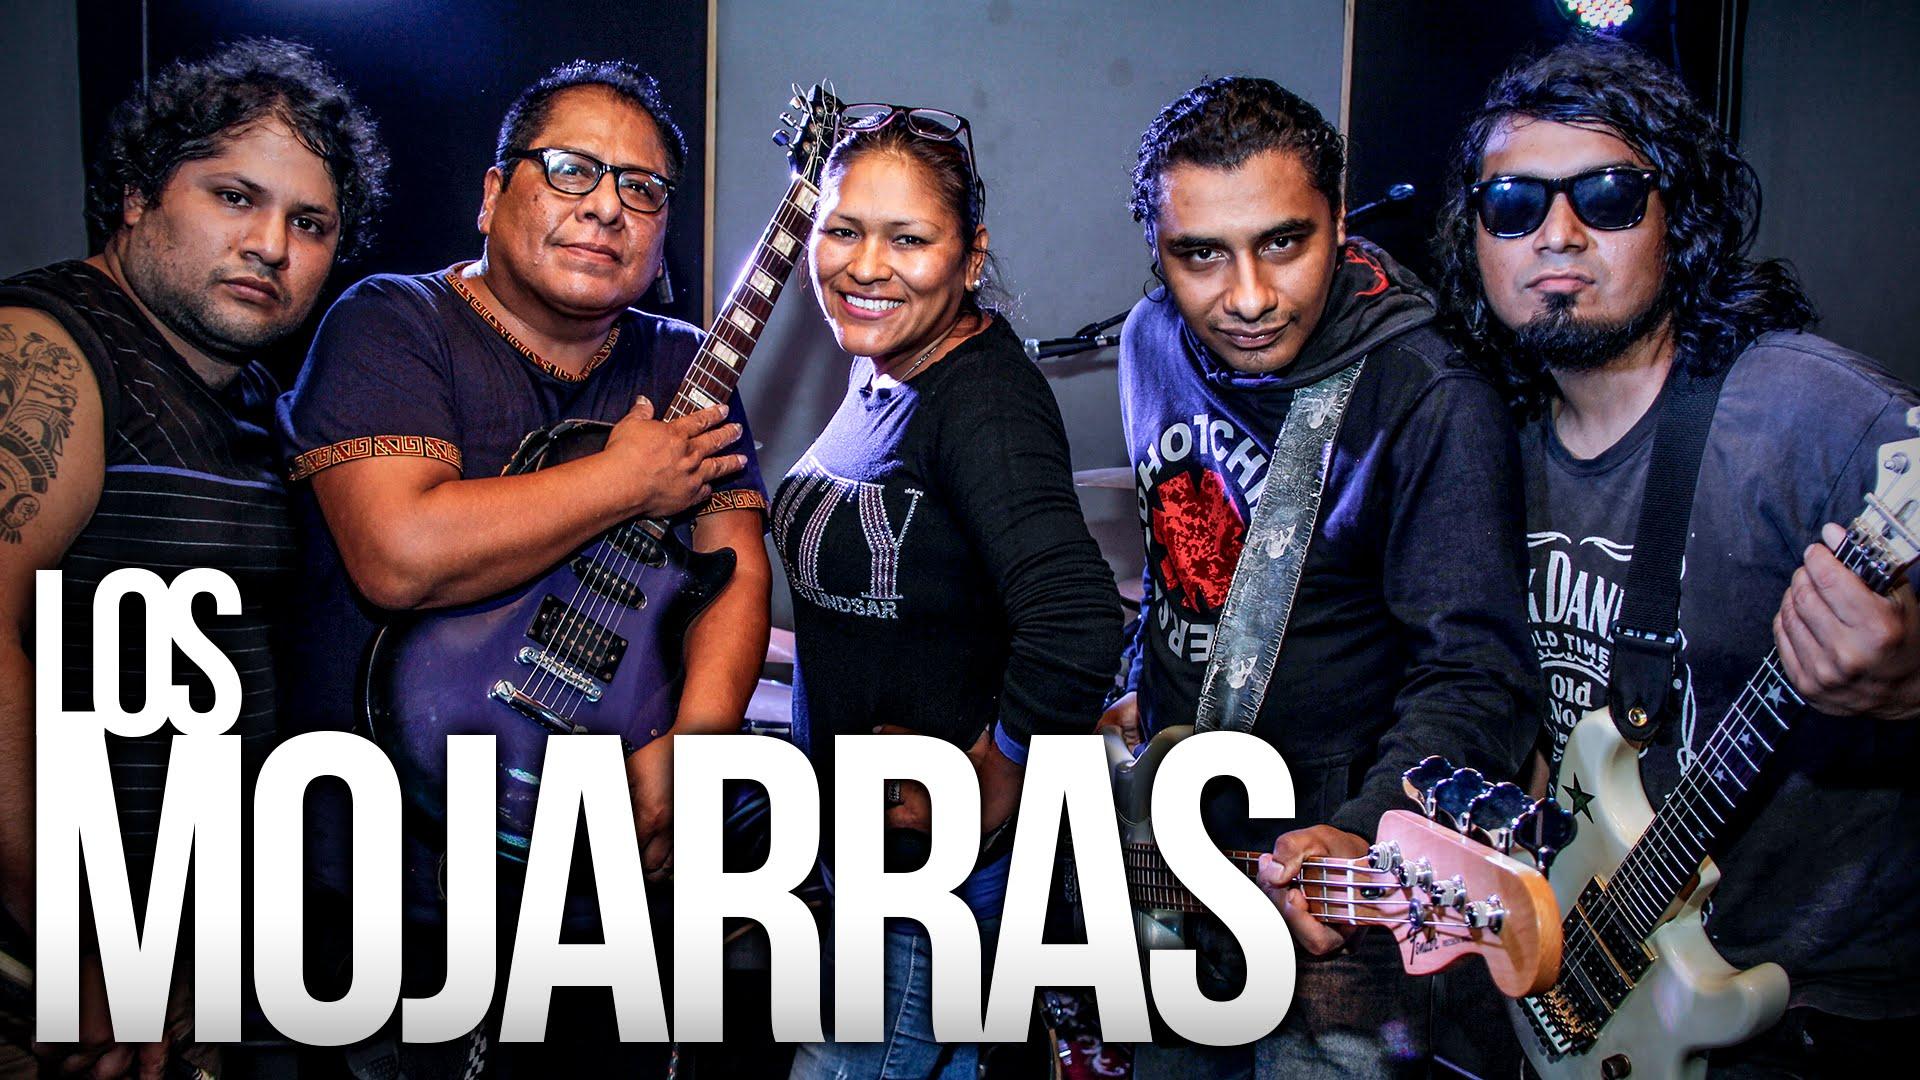 Imagen: Quemacho Perú